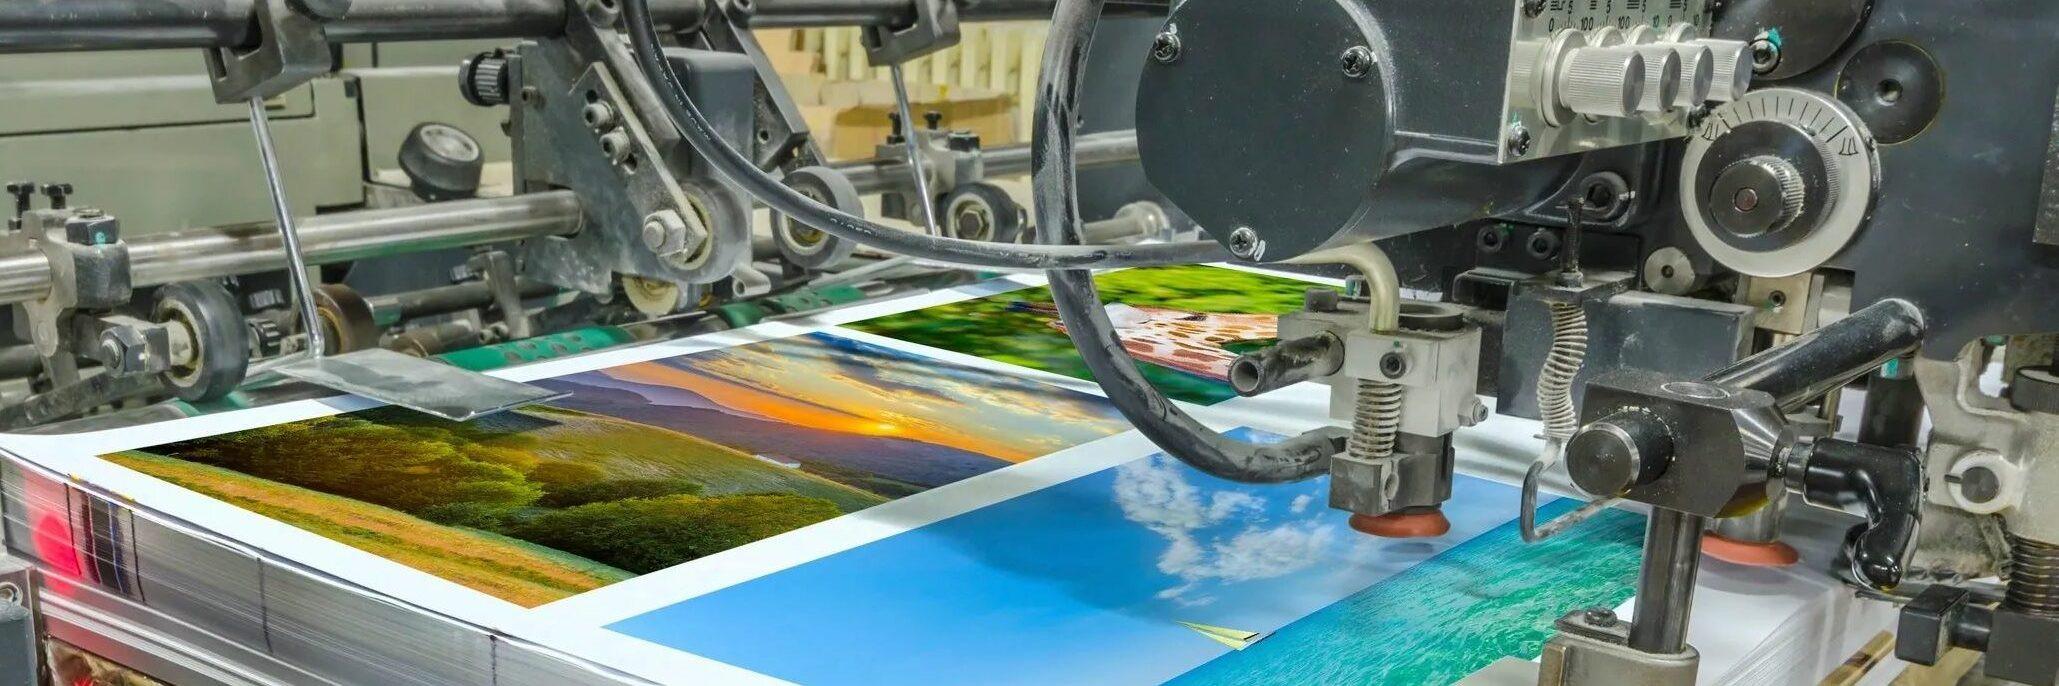 Комплектуючі для поліграфічної промисловості